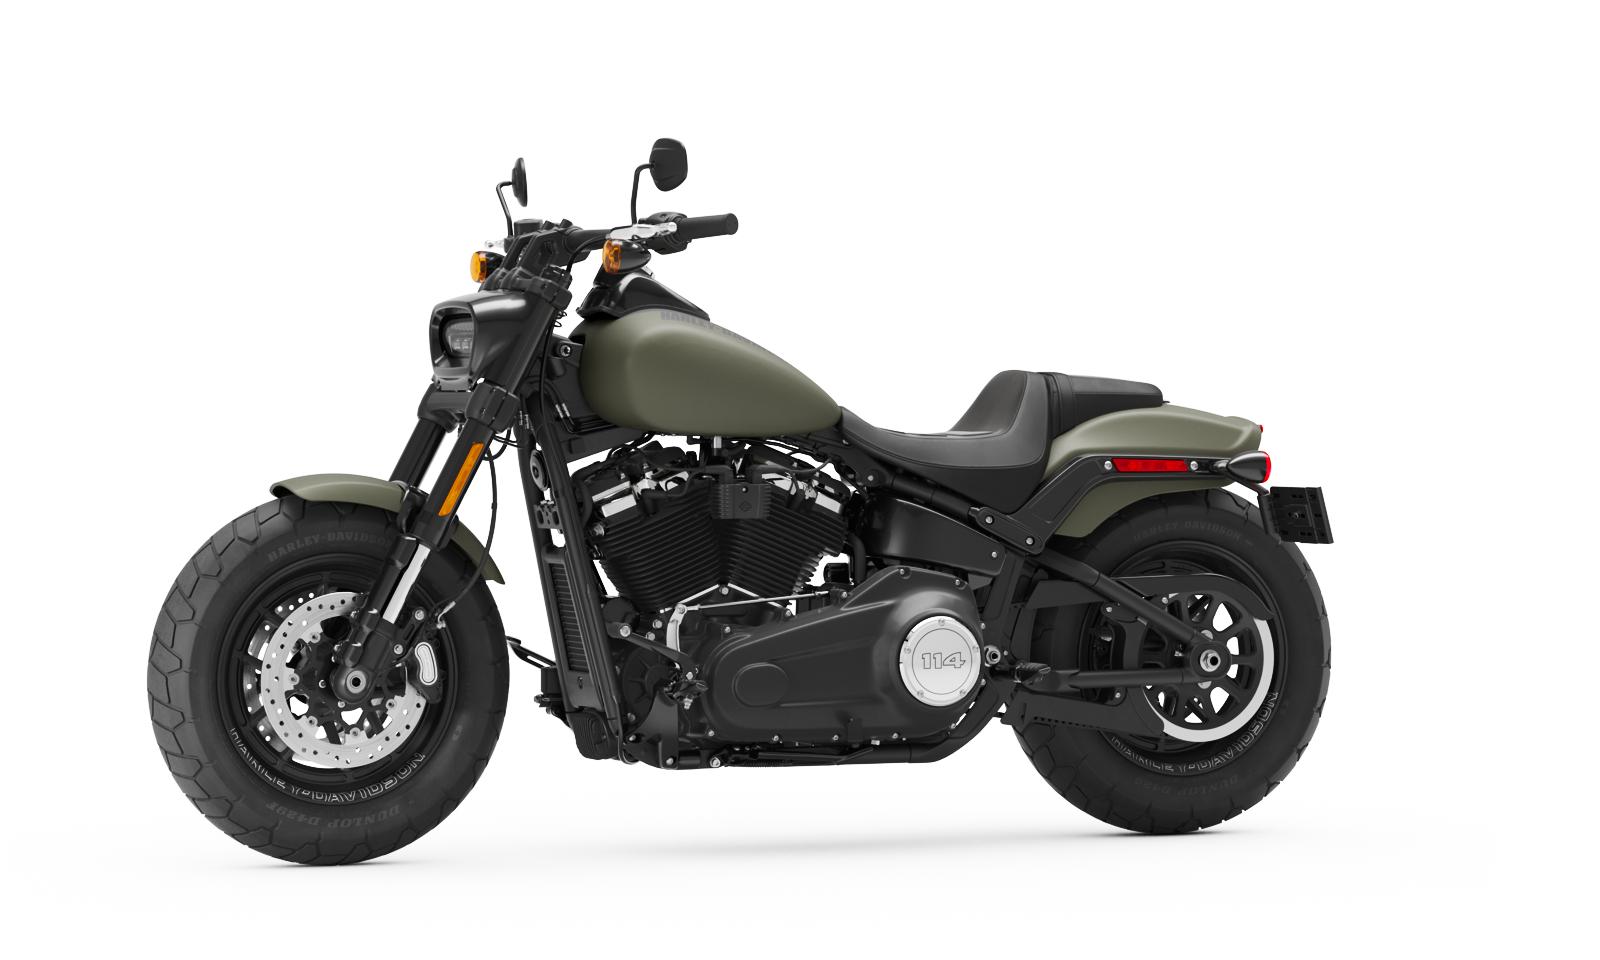 2021 fat bob motorcycle harley